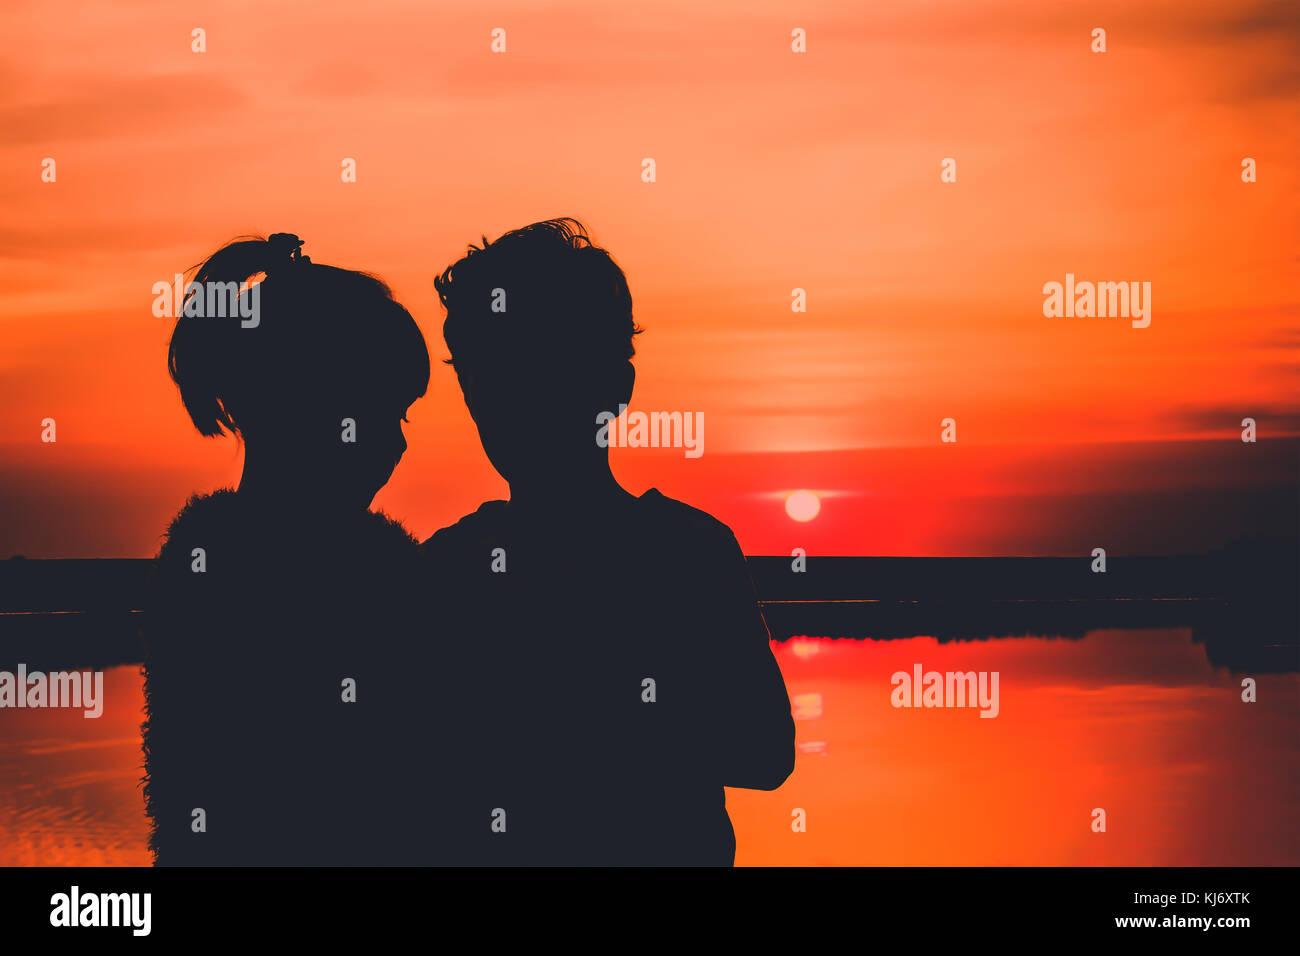 Jovem casal no amor, silhuetas. menino e menina estão se divertindo, no fundo há um belo pôr-do-sol Imagens de Stock